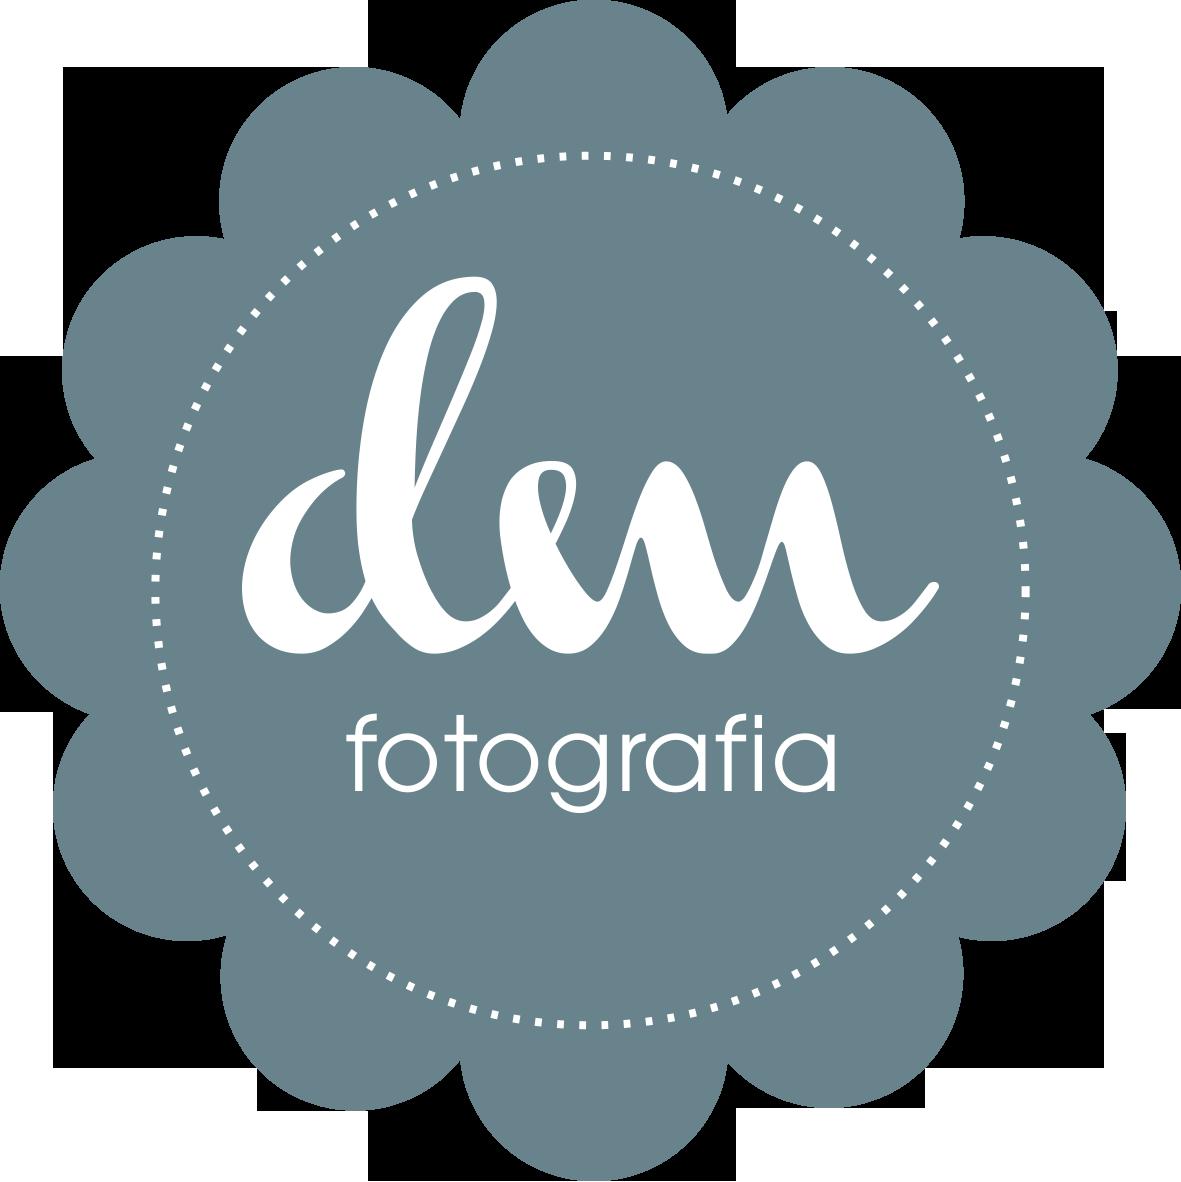 Diana Morais Fotografia